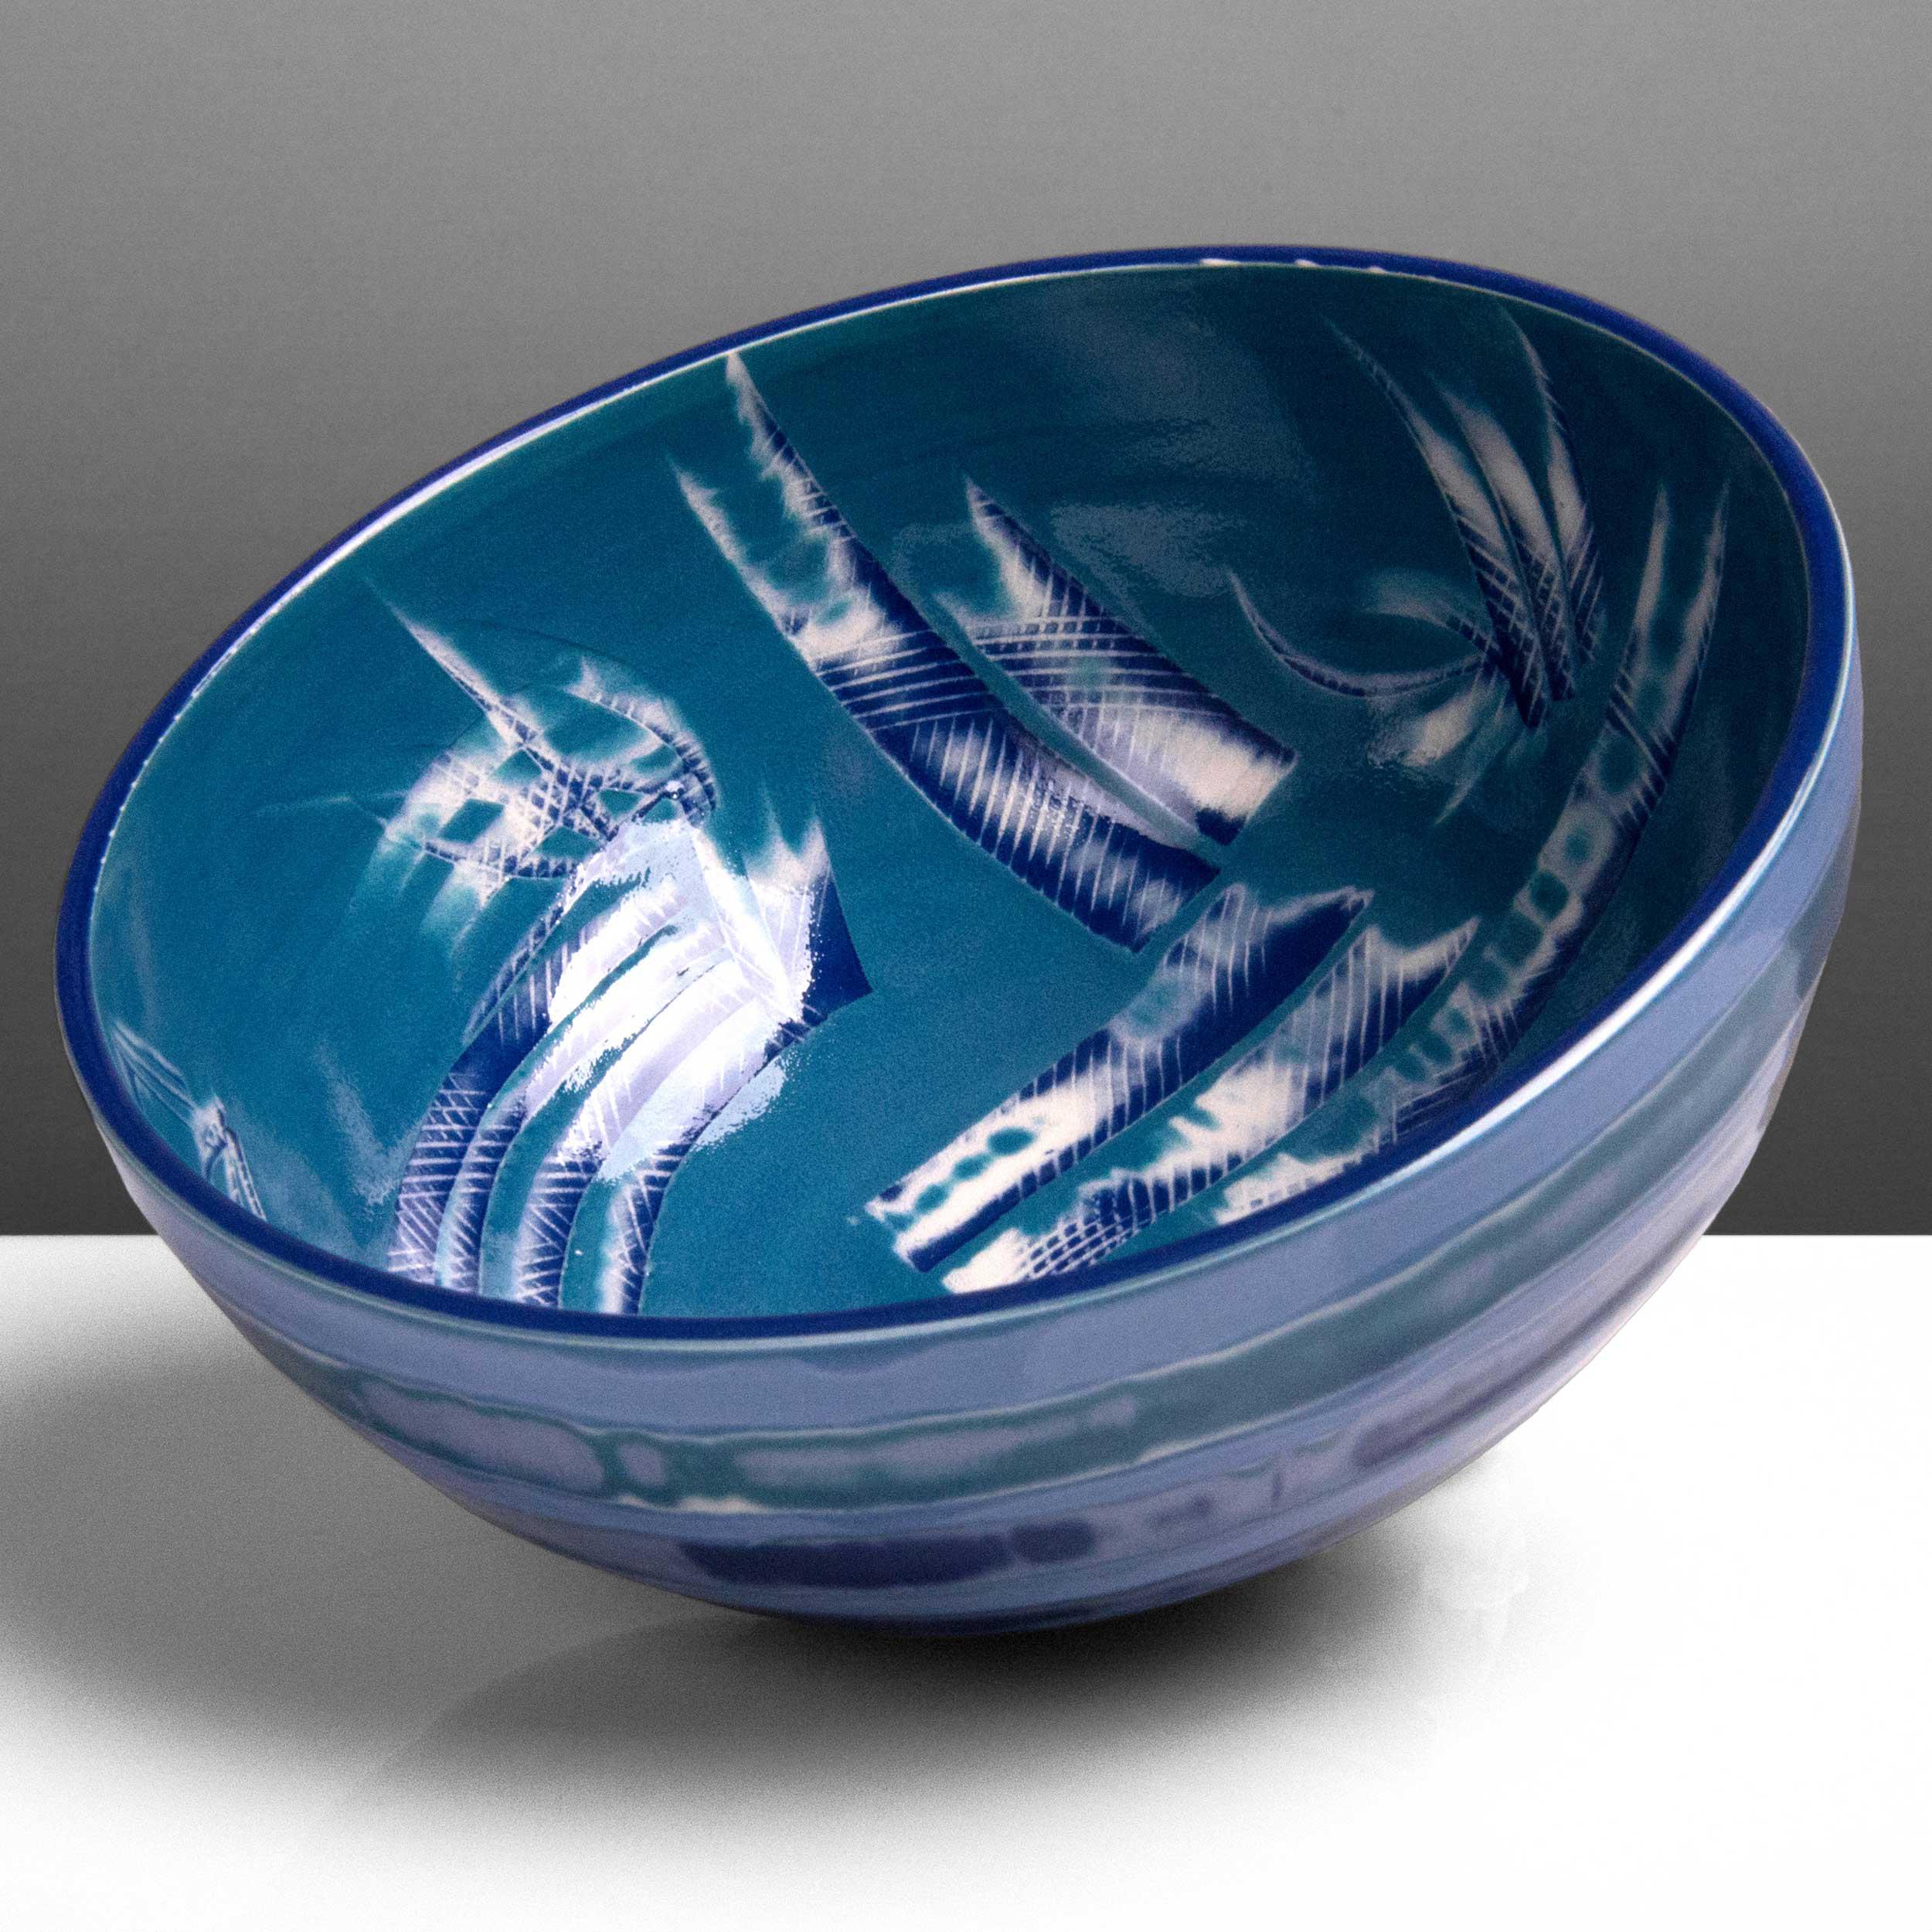 Cerulean Blue Reef Series Ceramic Bowl by Rowena Gilbert